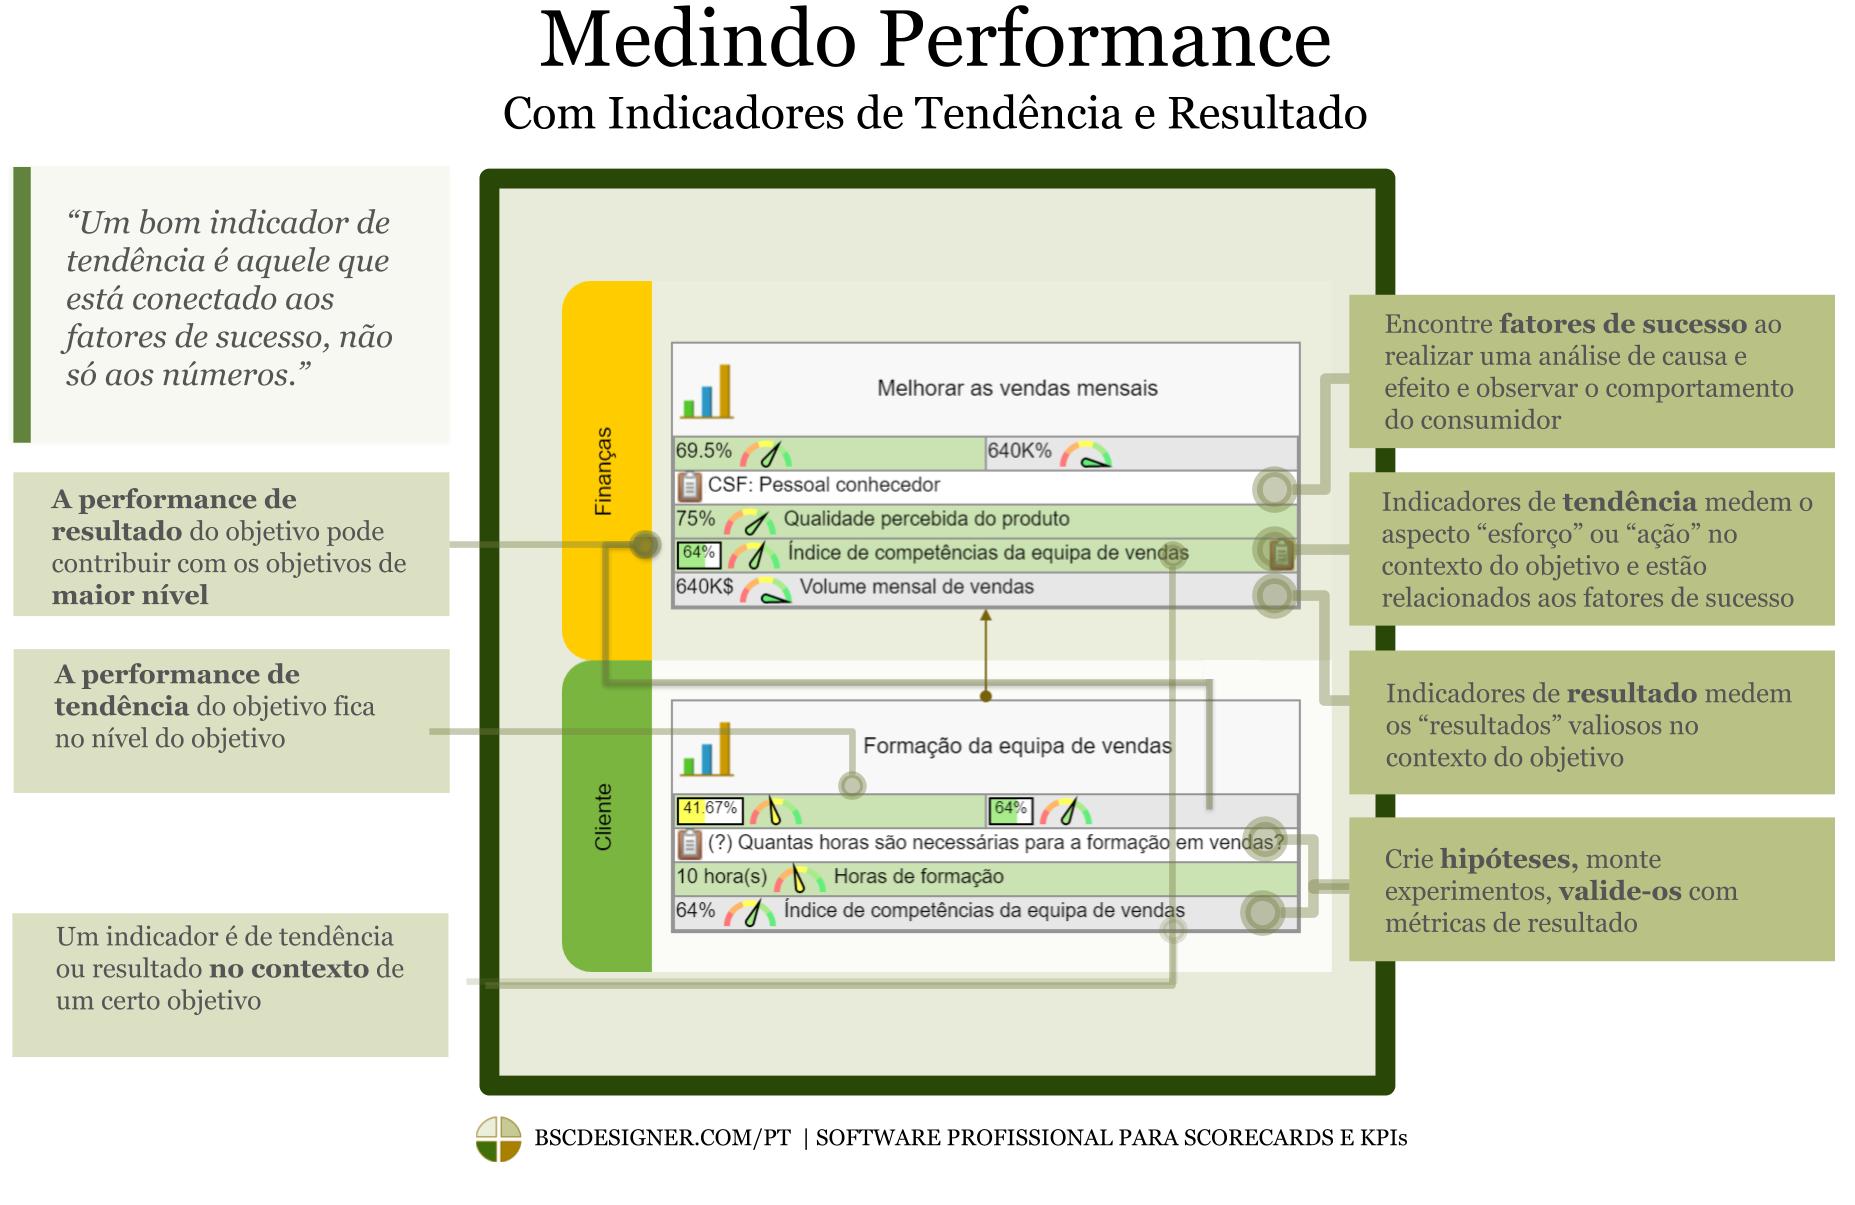 A diferença entre indicadores de tendência e de resultado